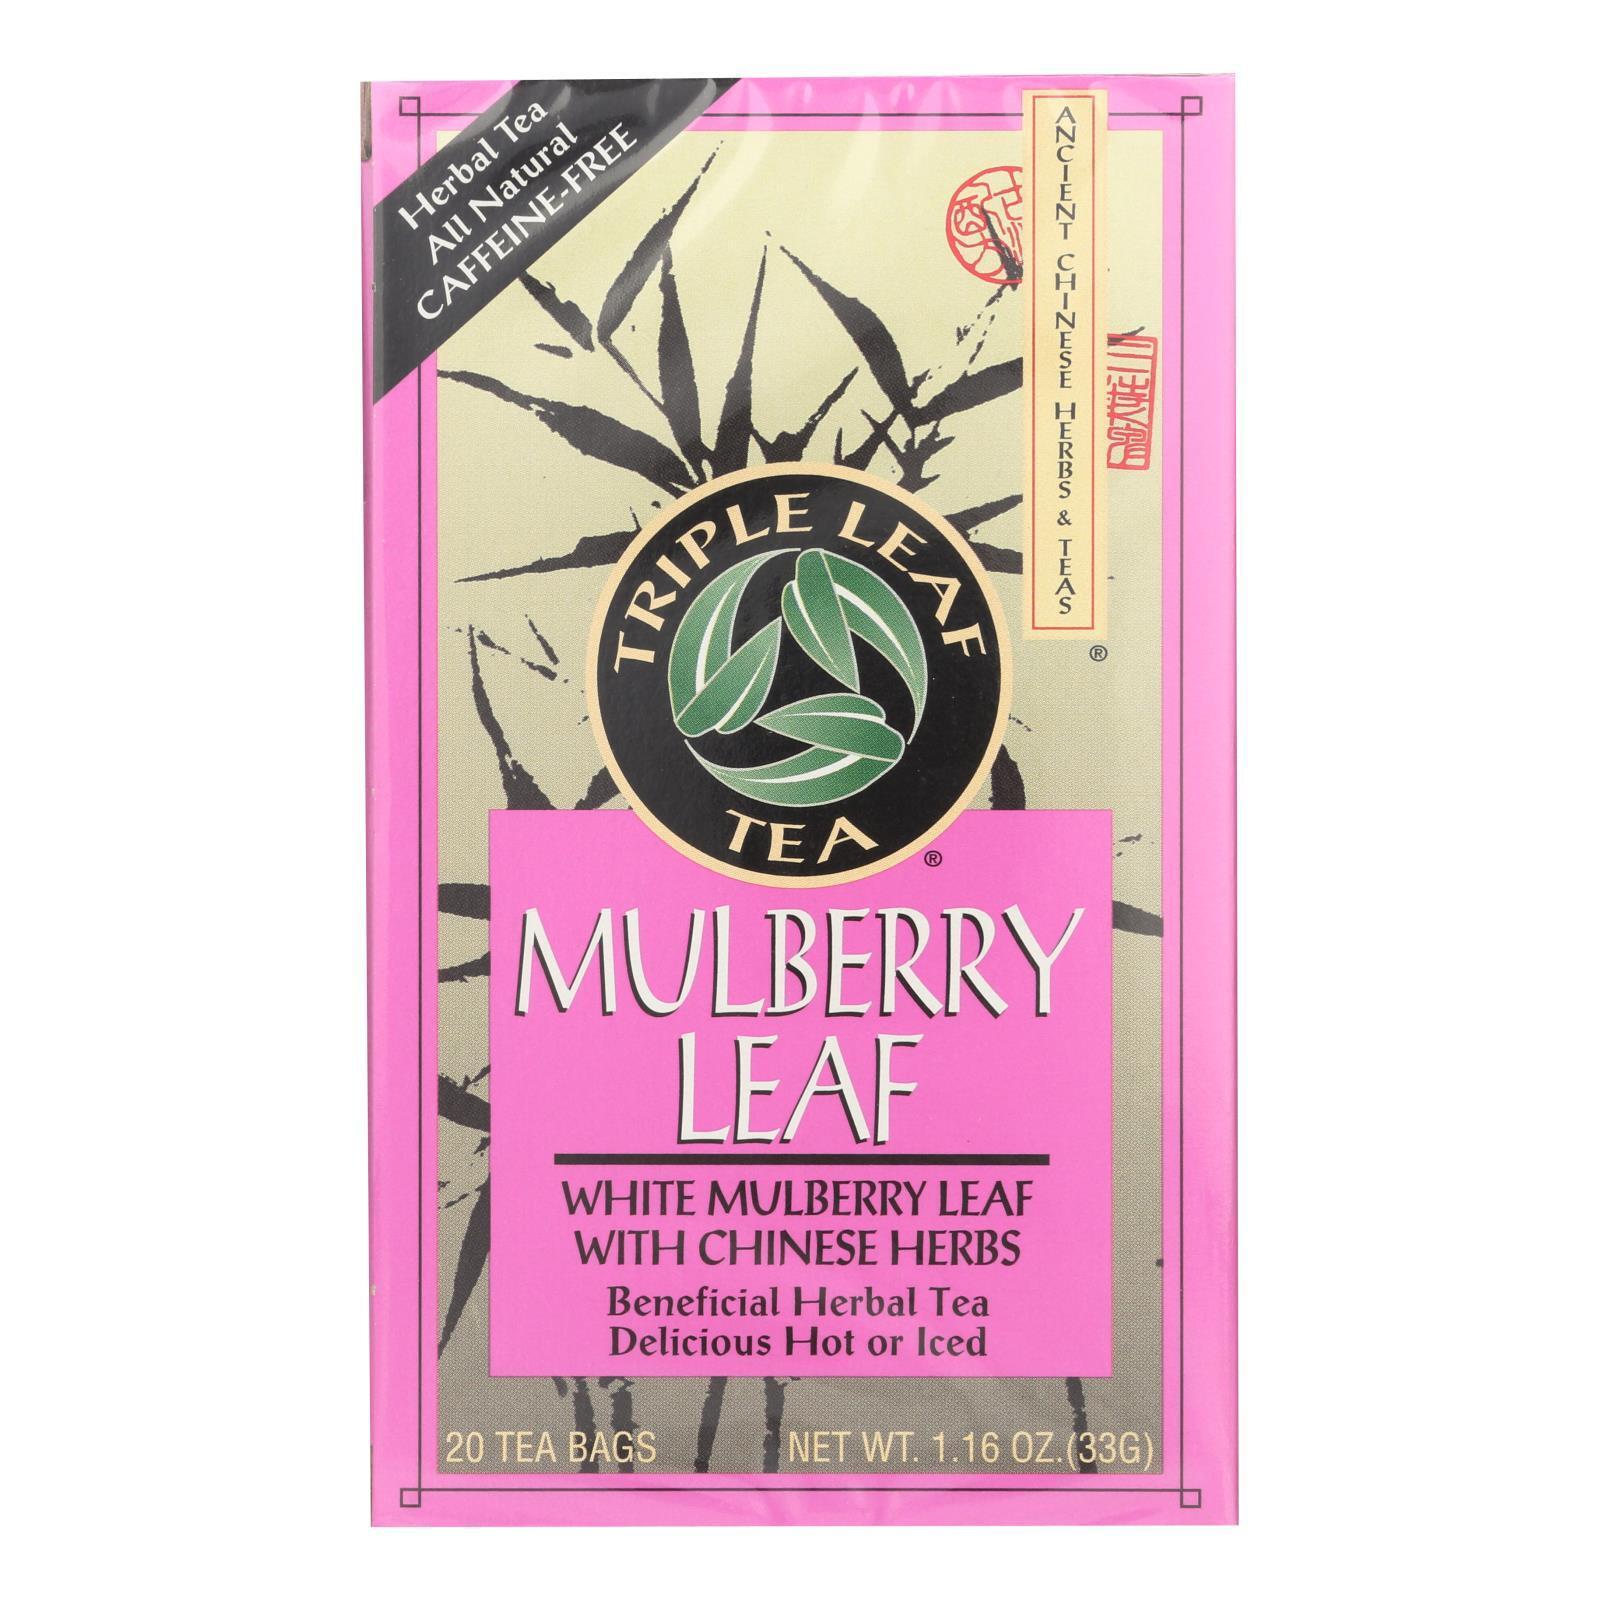 Triple Leaf Tea - Mulberry Leaf - 20 Tea Bags - 1 Case